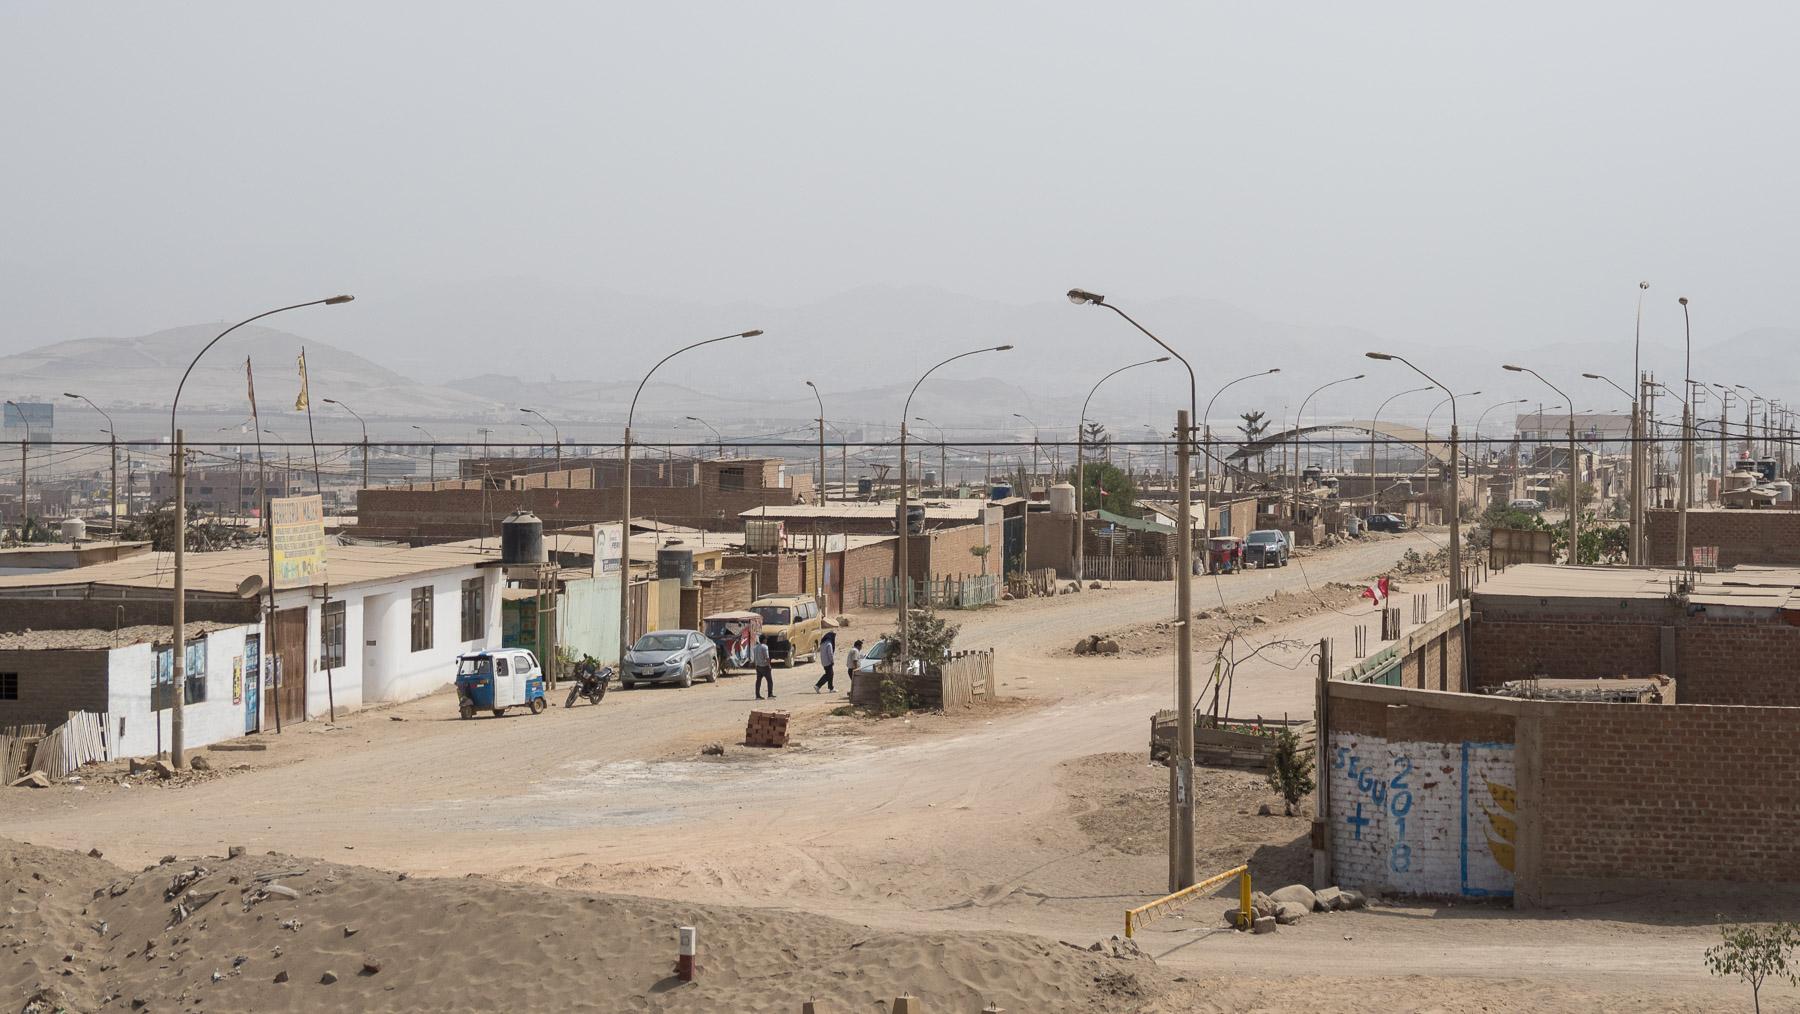 Trostlose Siedlungen an der peruanischen Küste